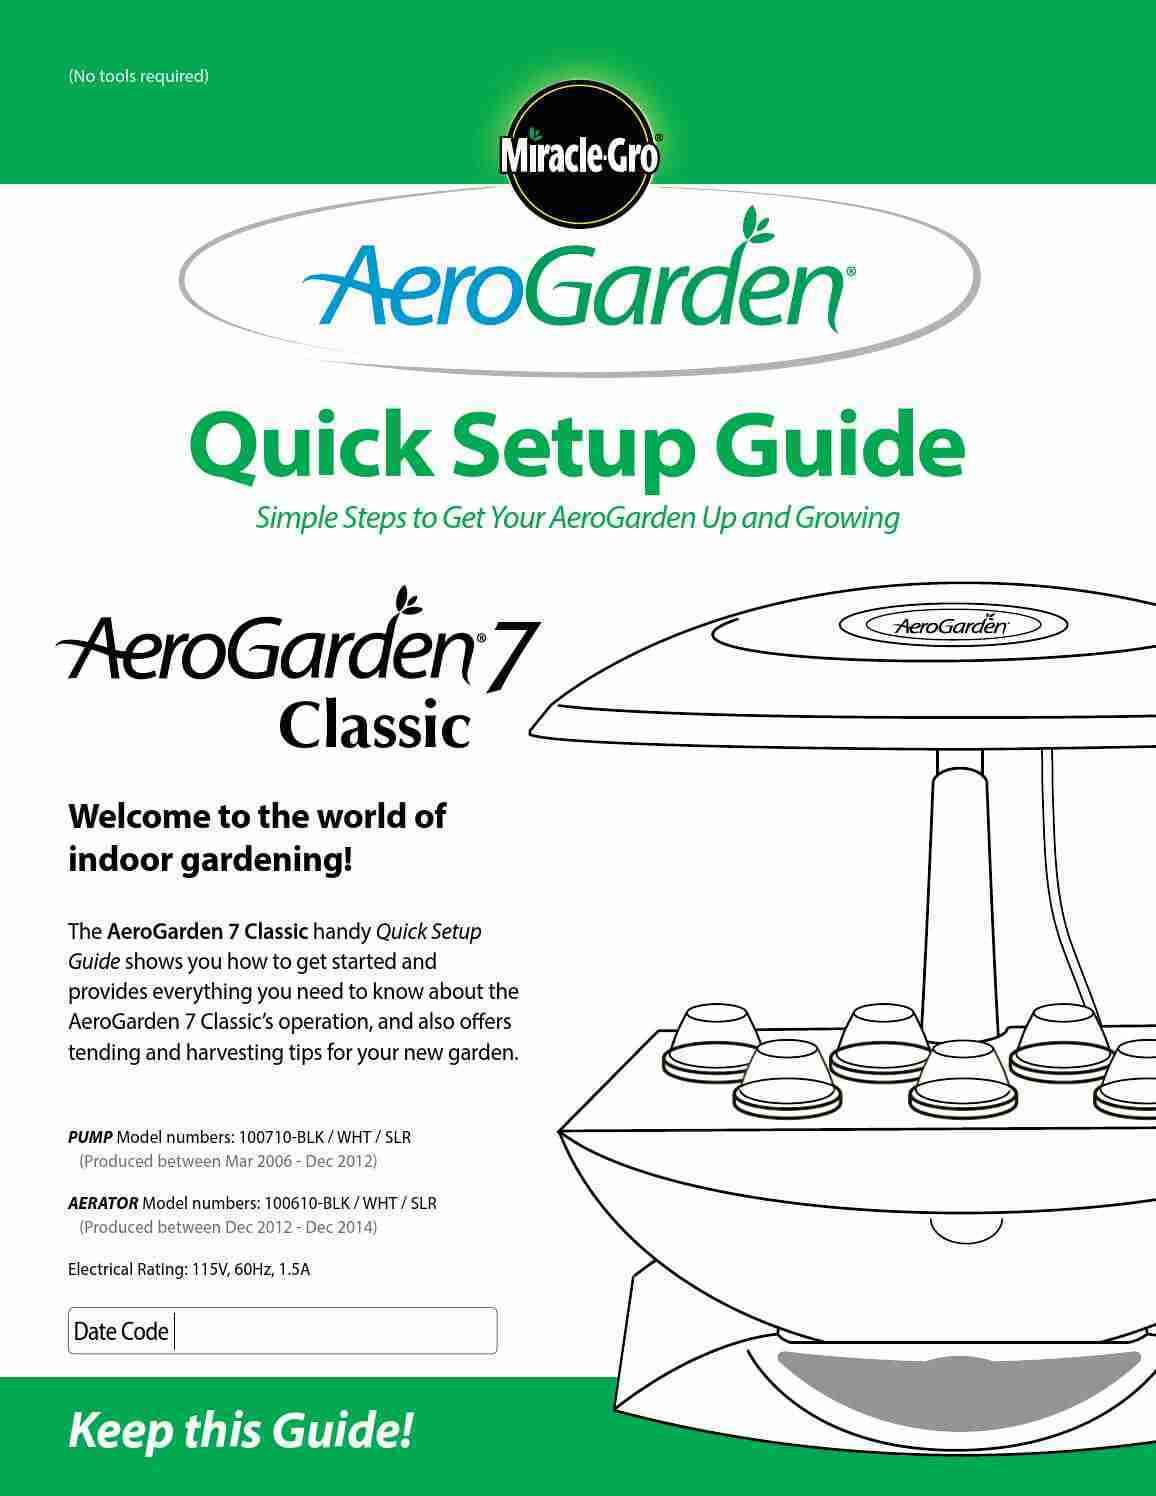 aerogarden user guide